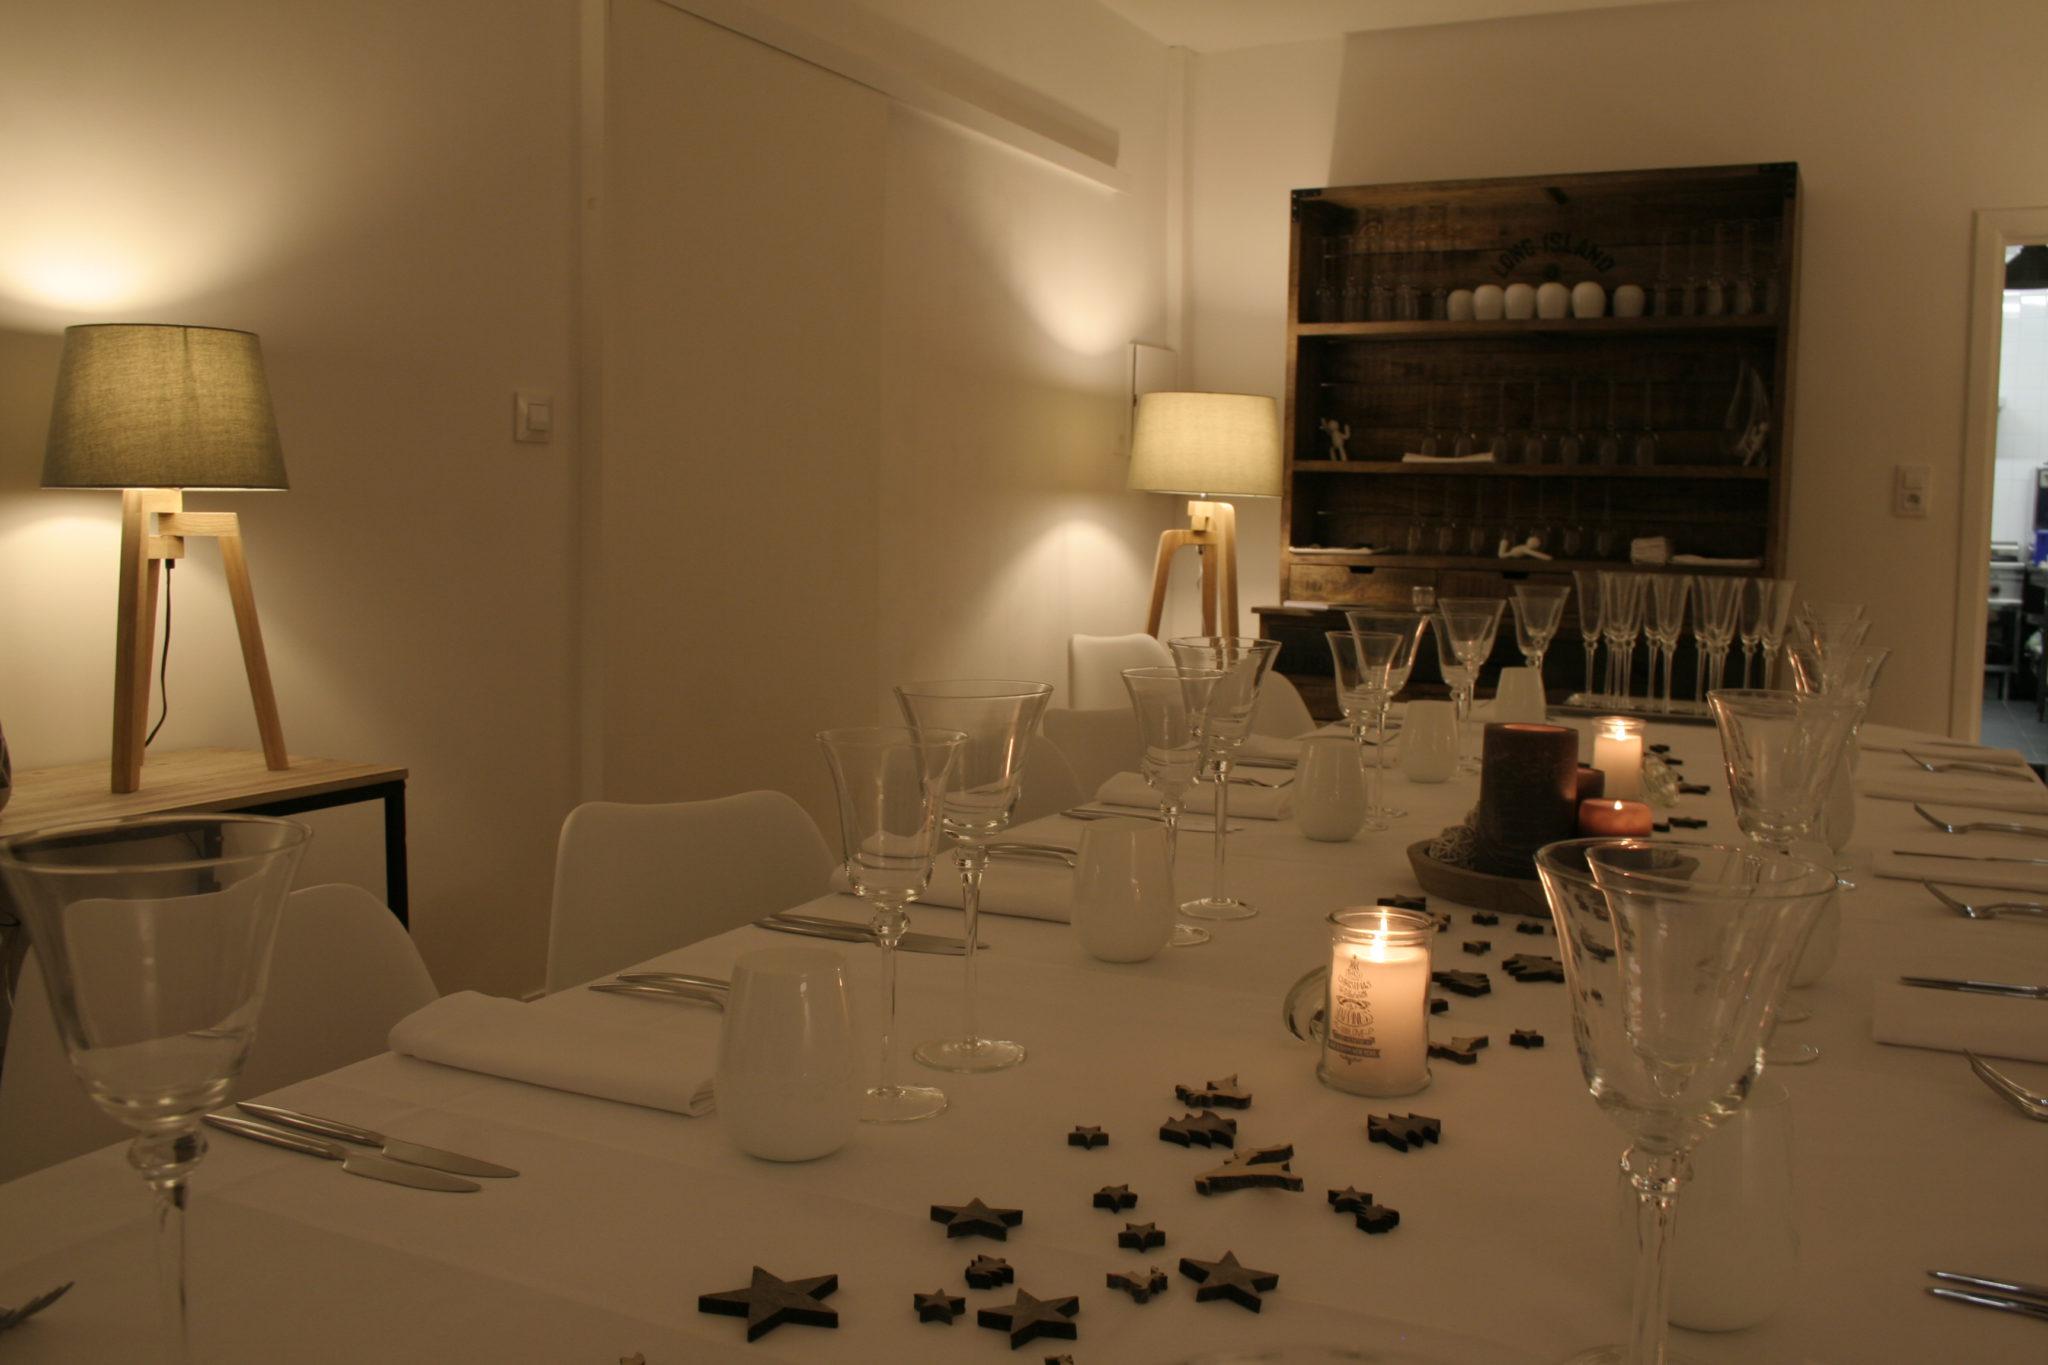 Une table d 39 h tes gastronomique pr s de chez vous - Monter une table d hote ...